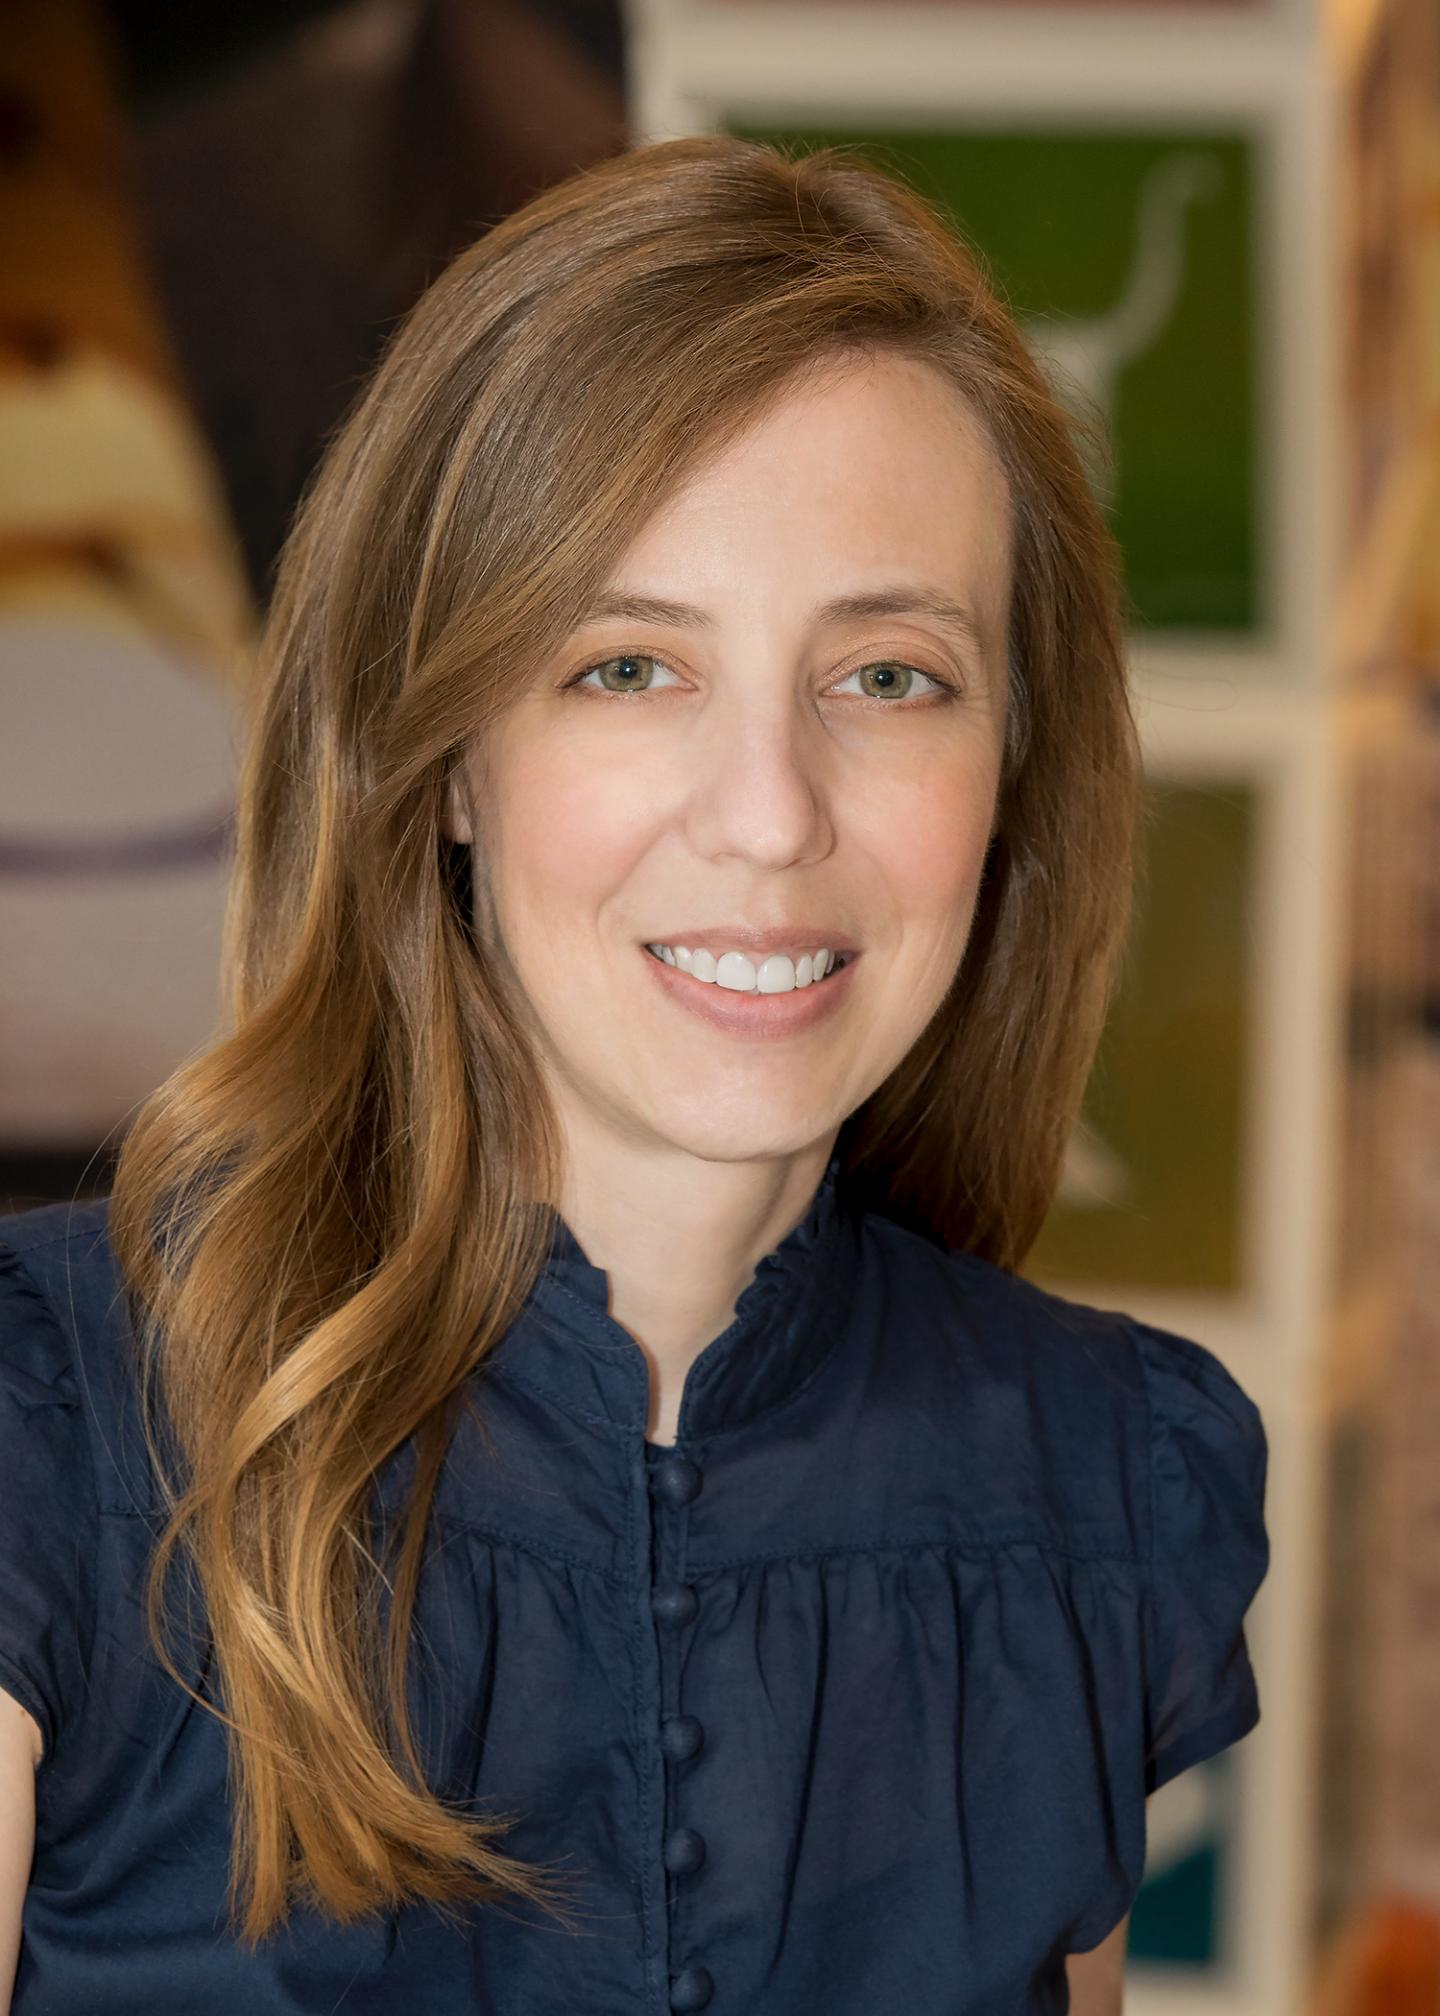 Dr. Shannon L. Maude, Children's Hospital of Philadelphia